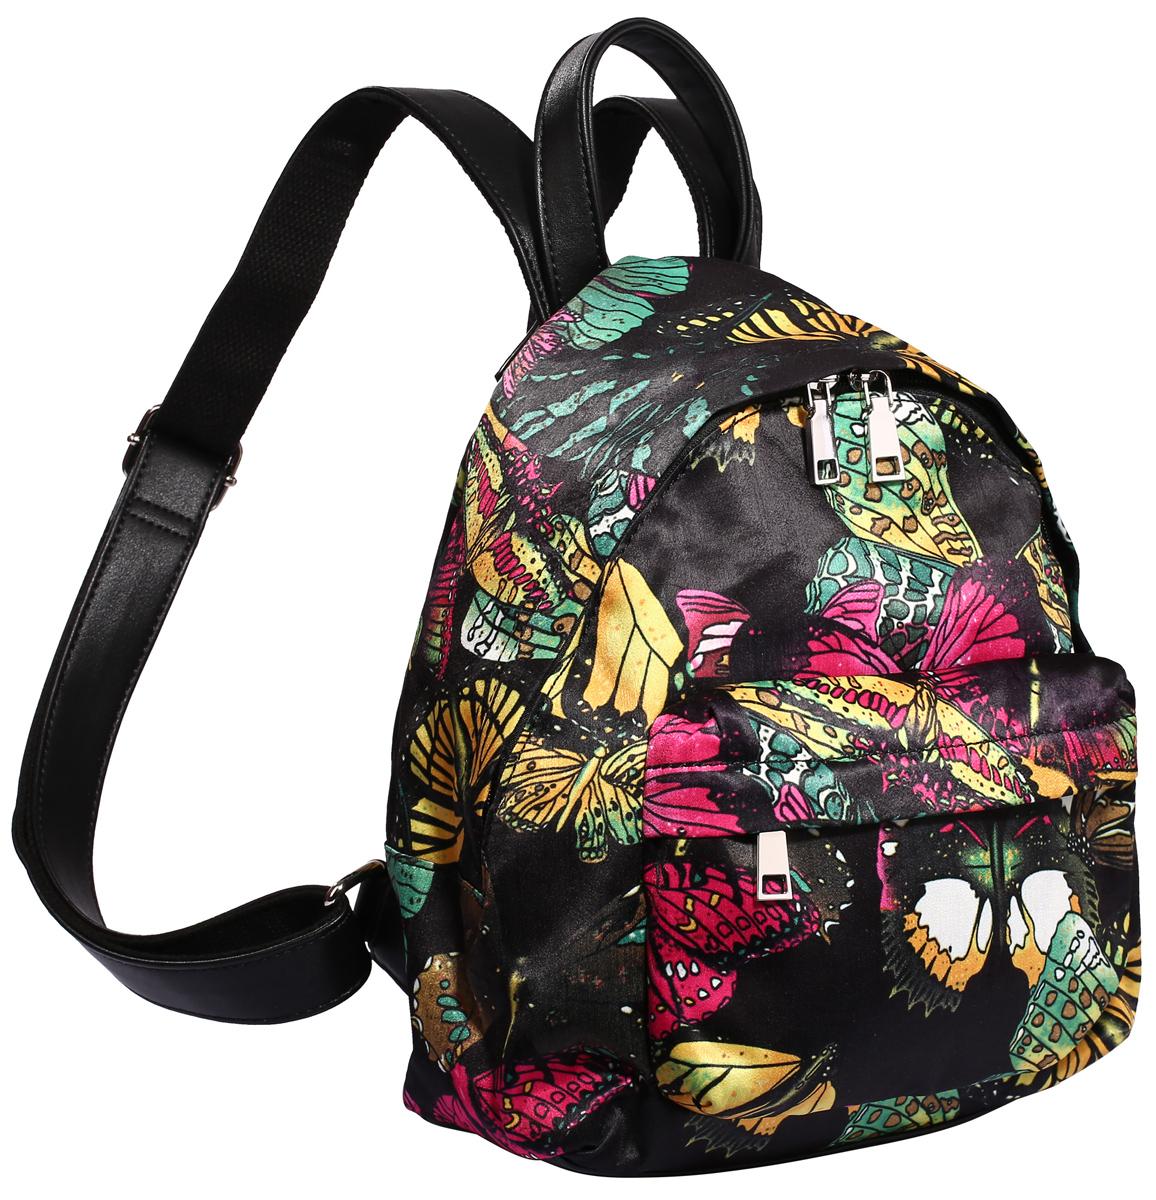 Рюкзак городской женский Pola, цвет: черный, желтый, зеленый, 10 л. 4349